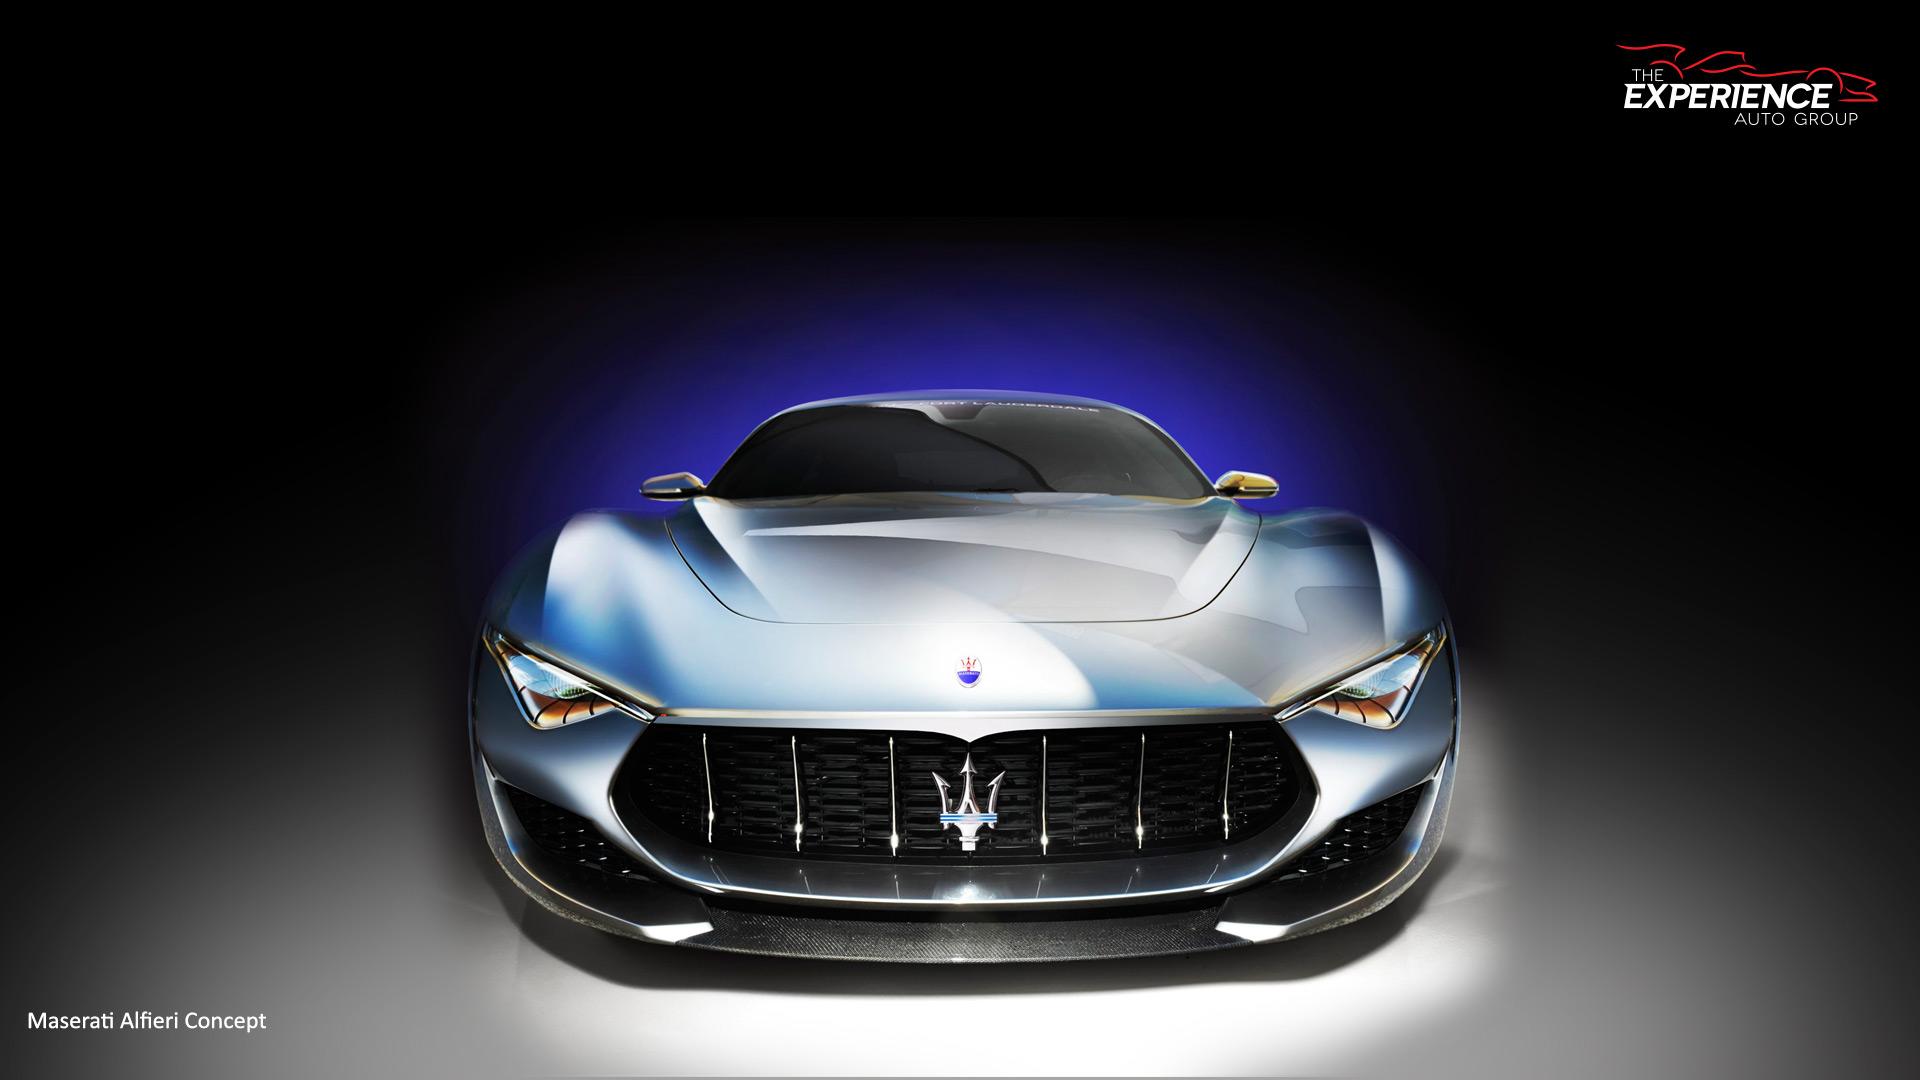 Maserati Wallpapers created by Maserati of Long Island 1920x1080